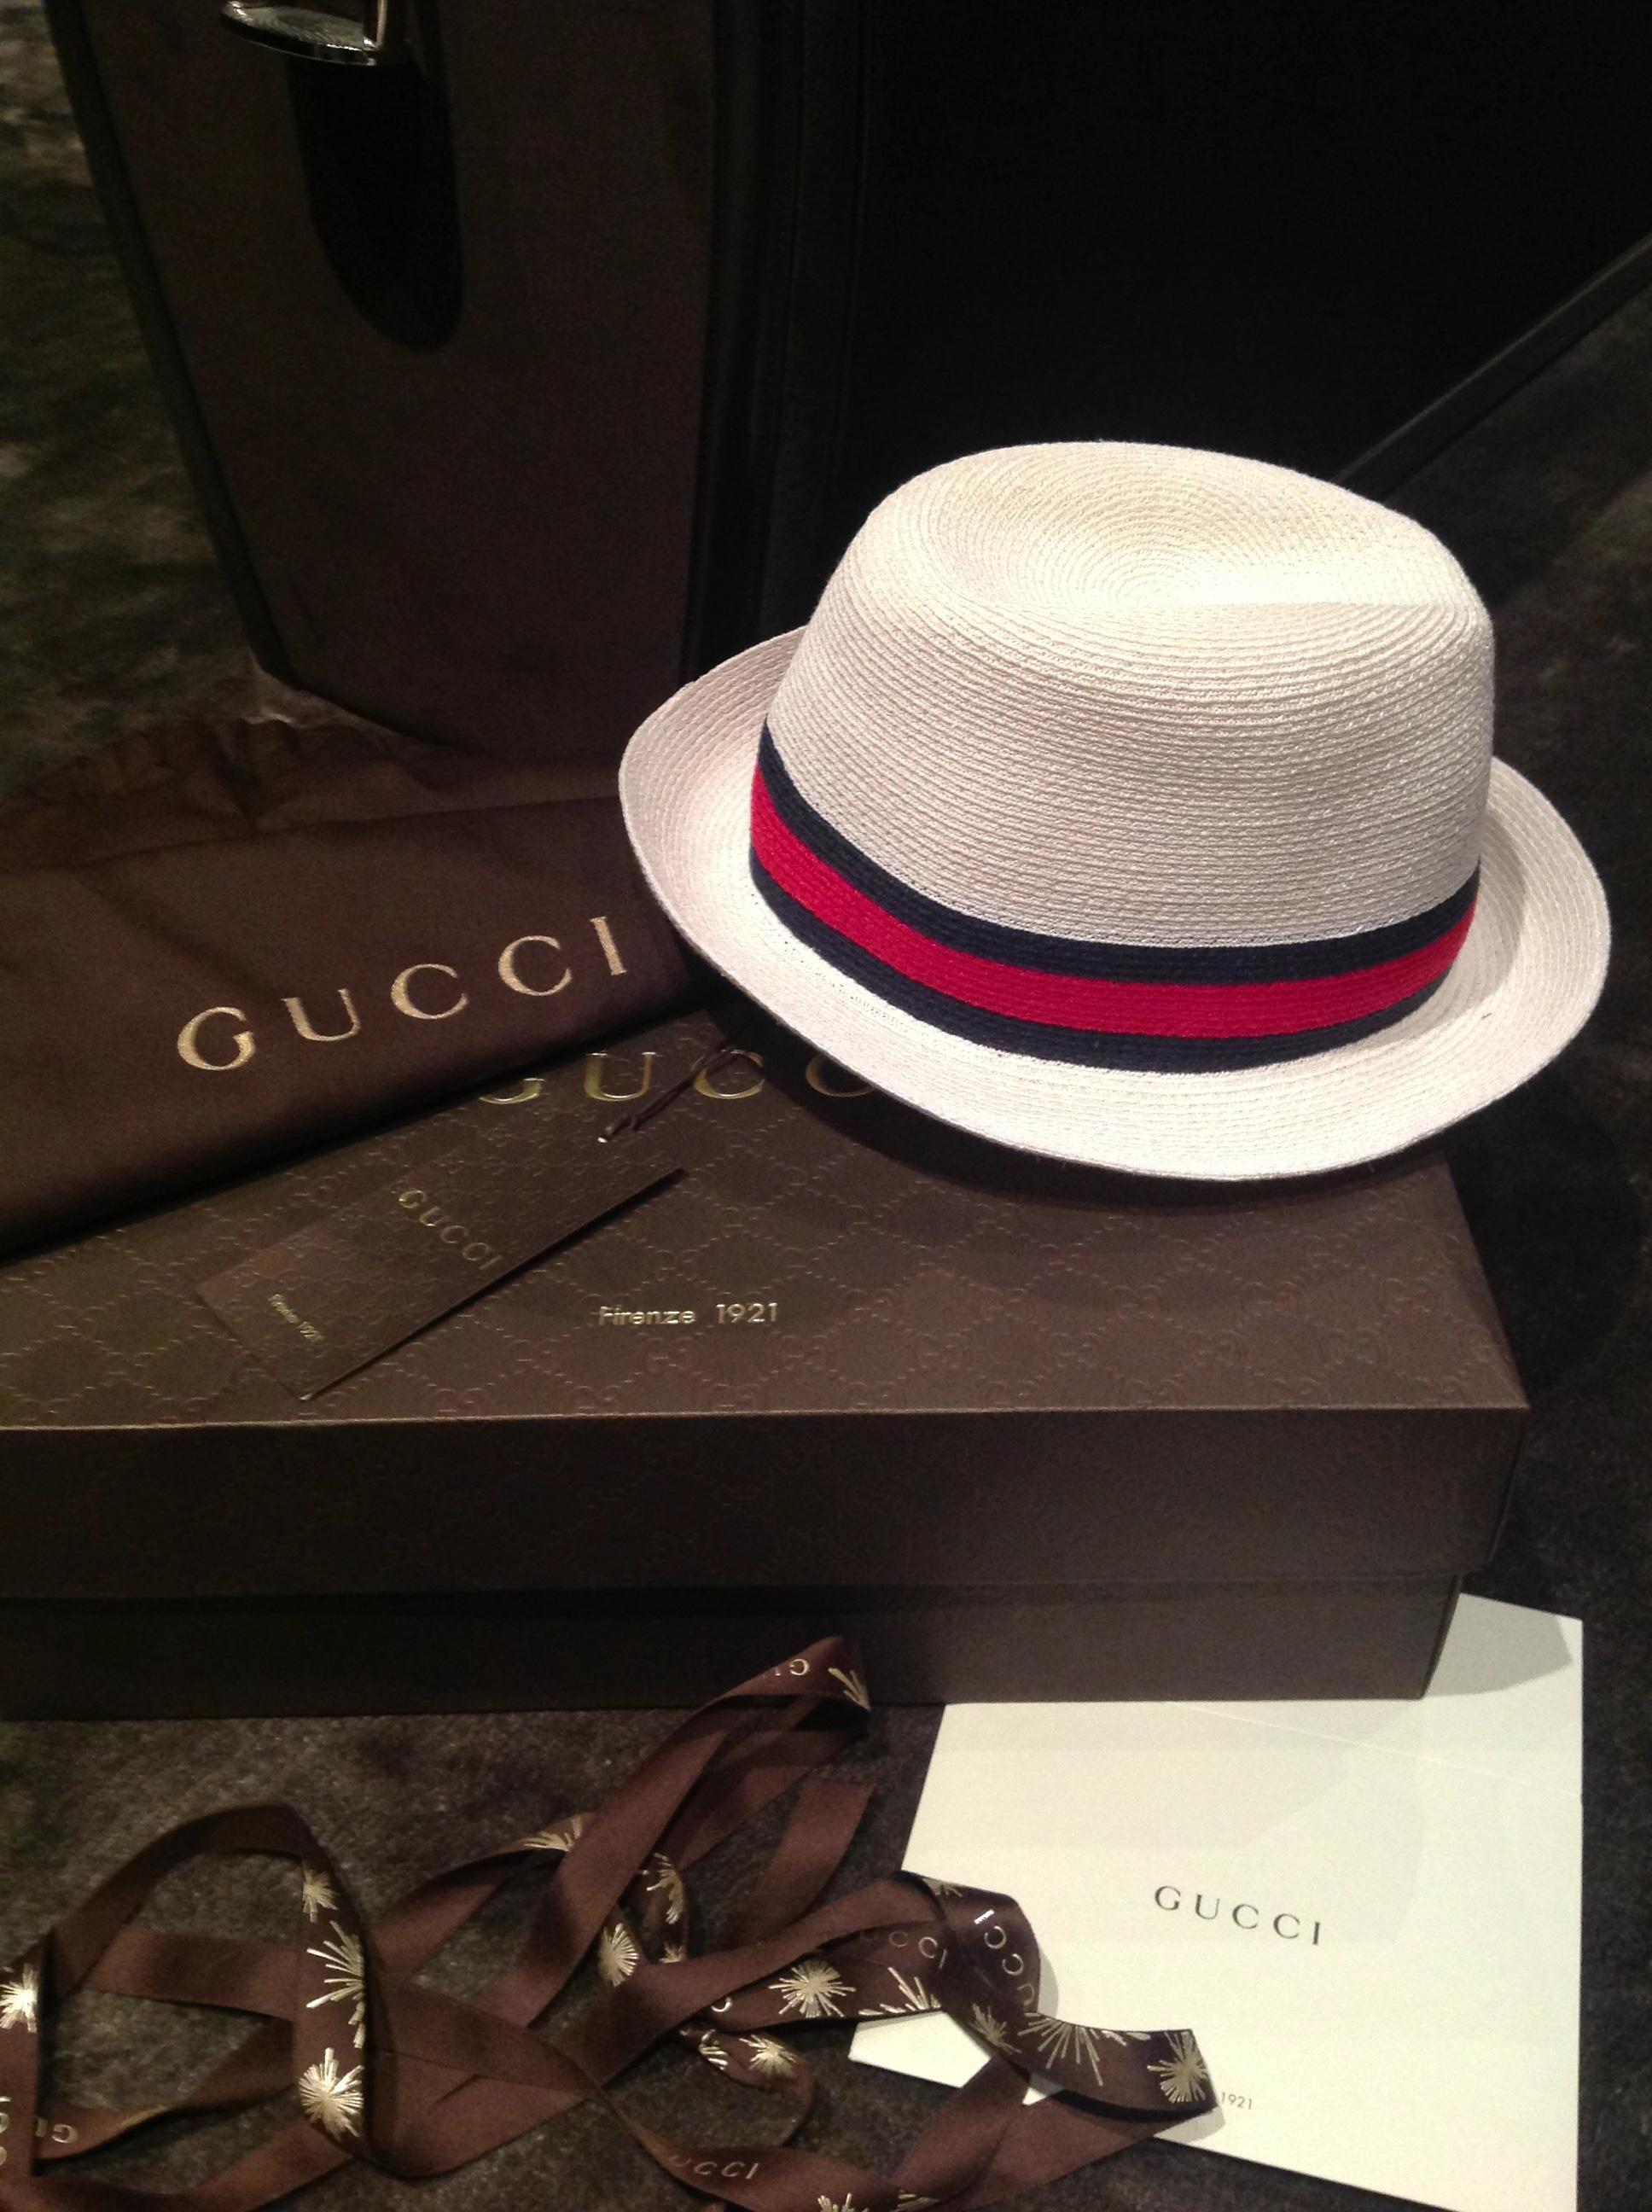 b0663ae7dff Gucci Summer Hat